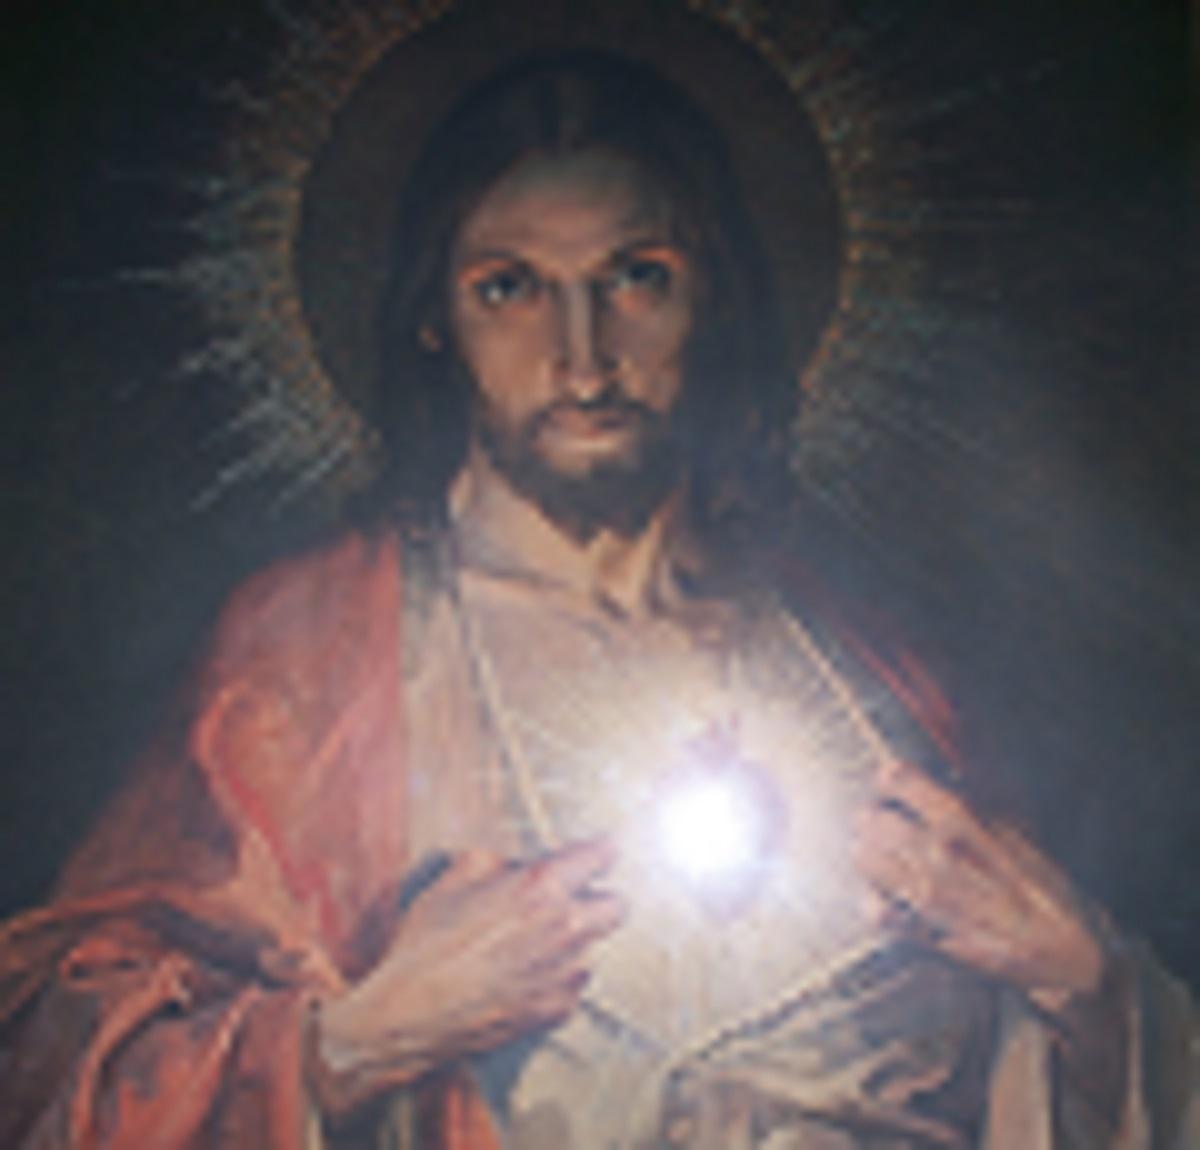 Việc Tôn Kính Thánh Tâm Chúa Giêsu Có Khác Với Việc Tôn Kính Lòng Chúa Thương Xót Không  ?